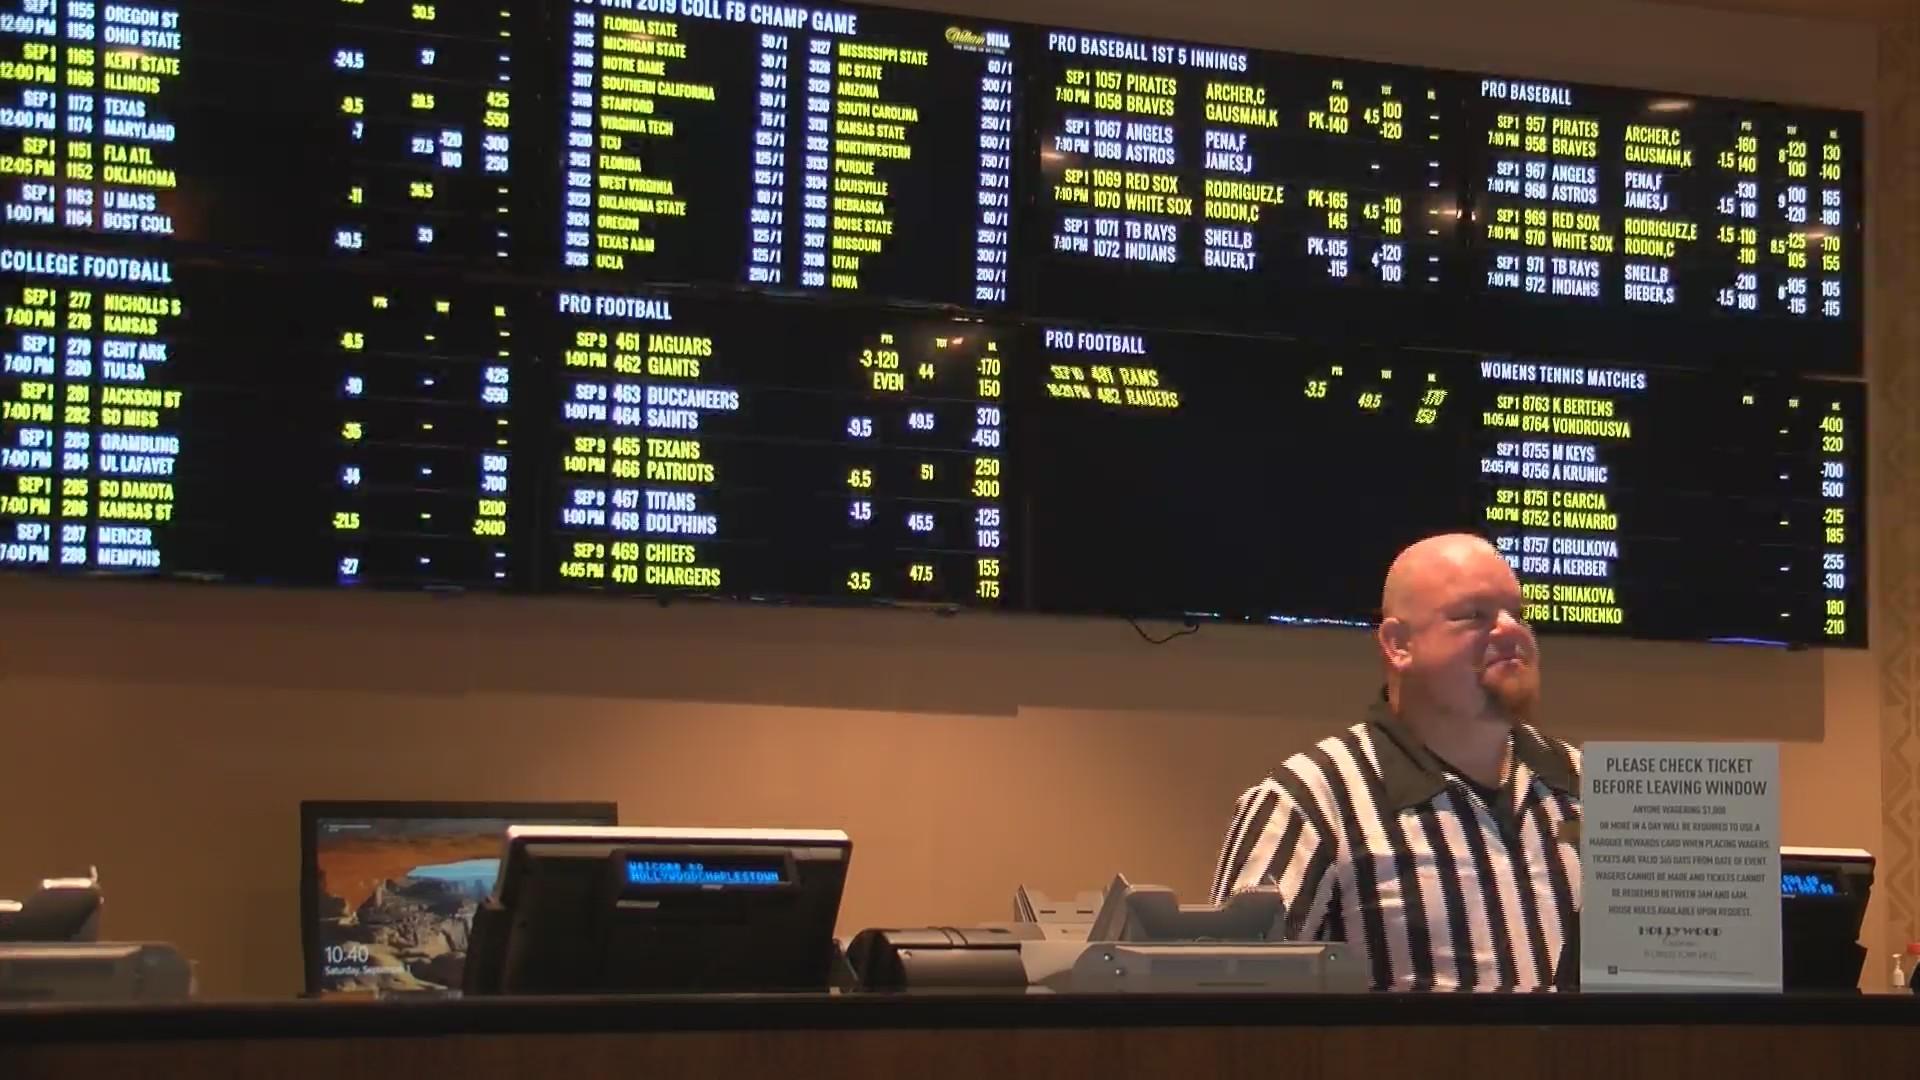 charlestown sports betting